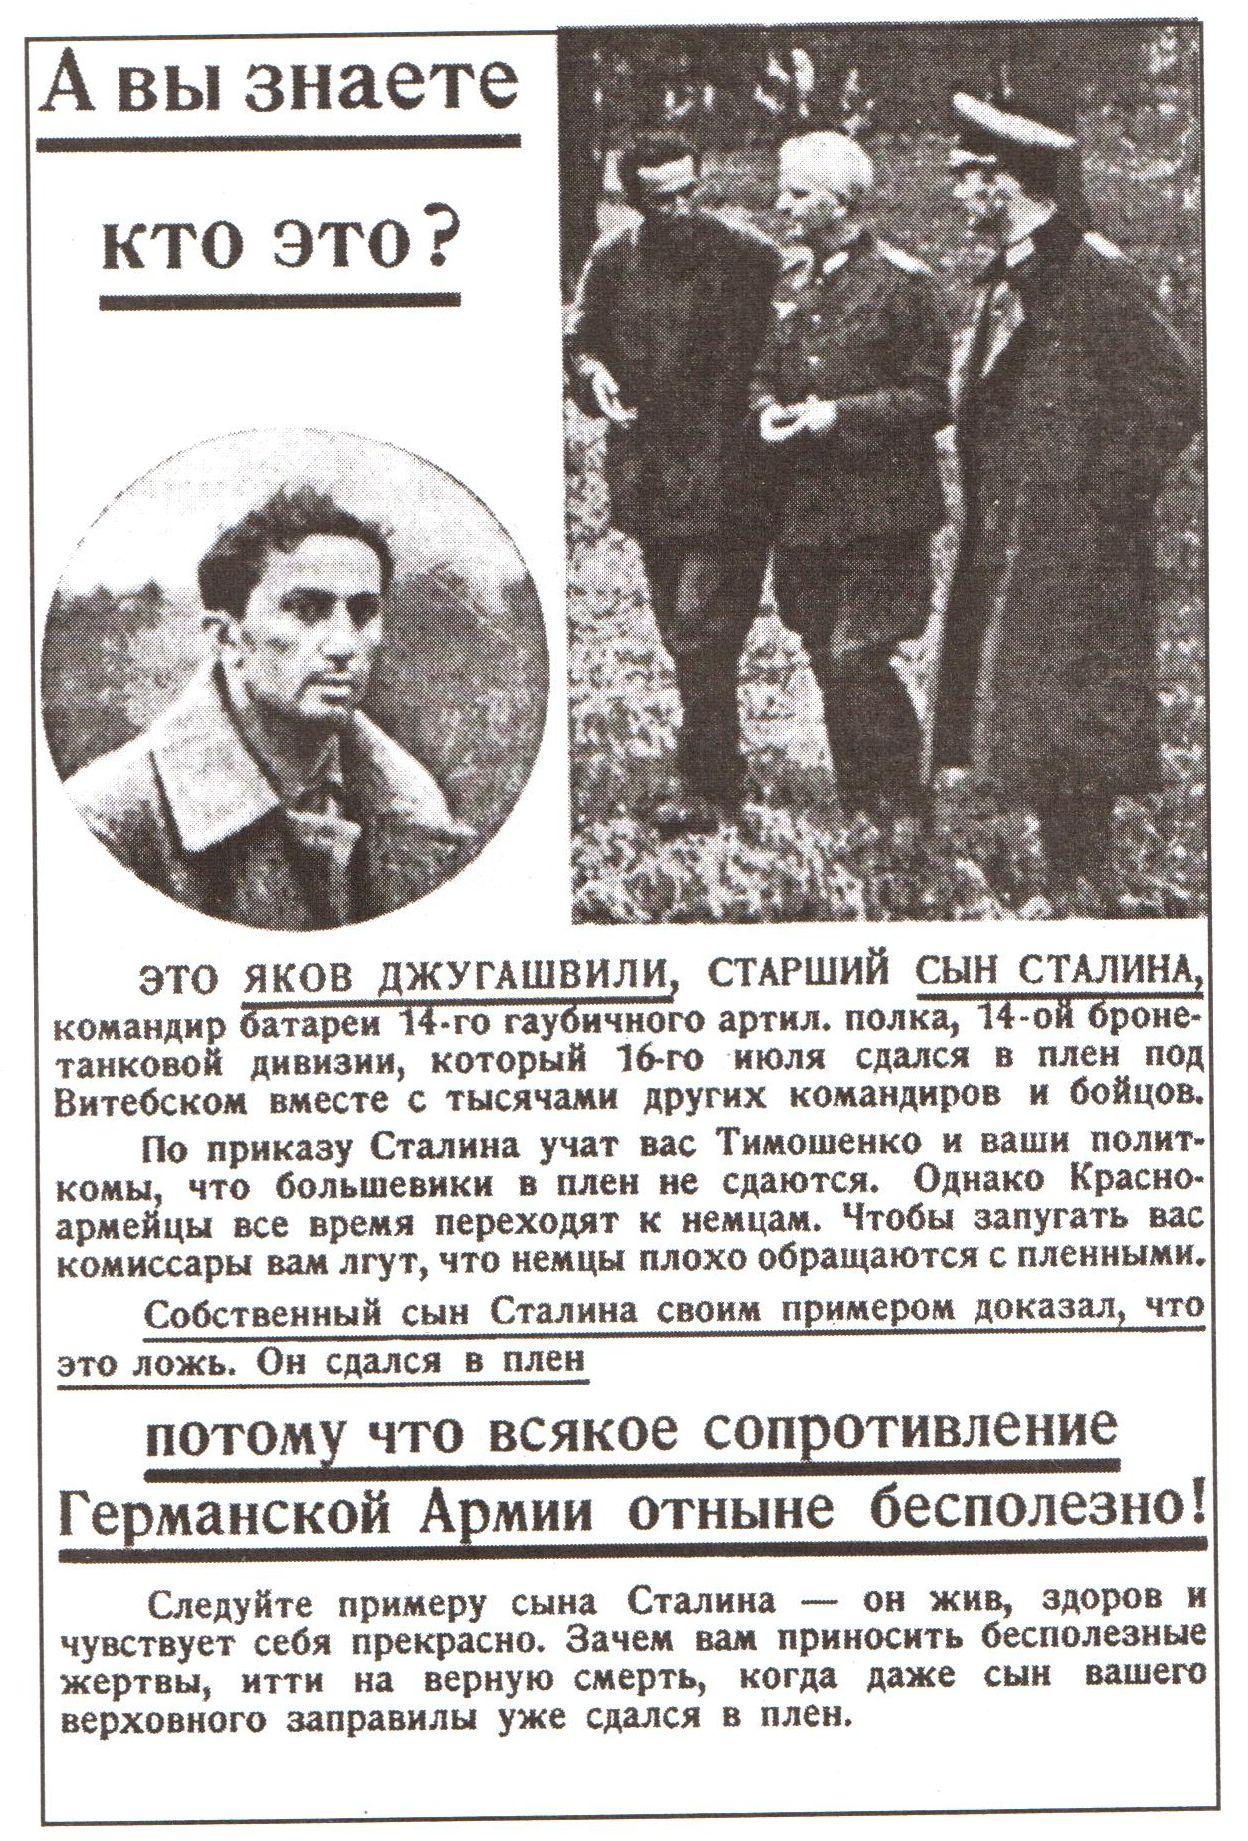 Немецкая листовка 1941 г., использовавшая Якова в целях пропаганды